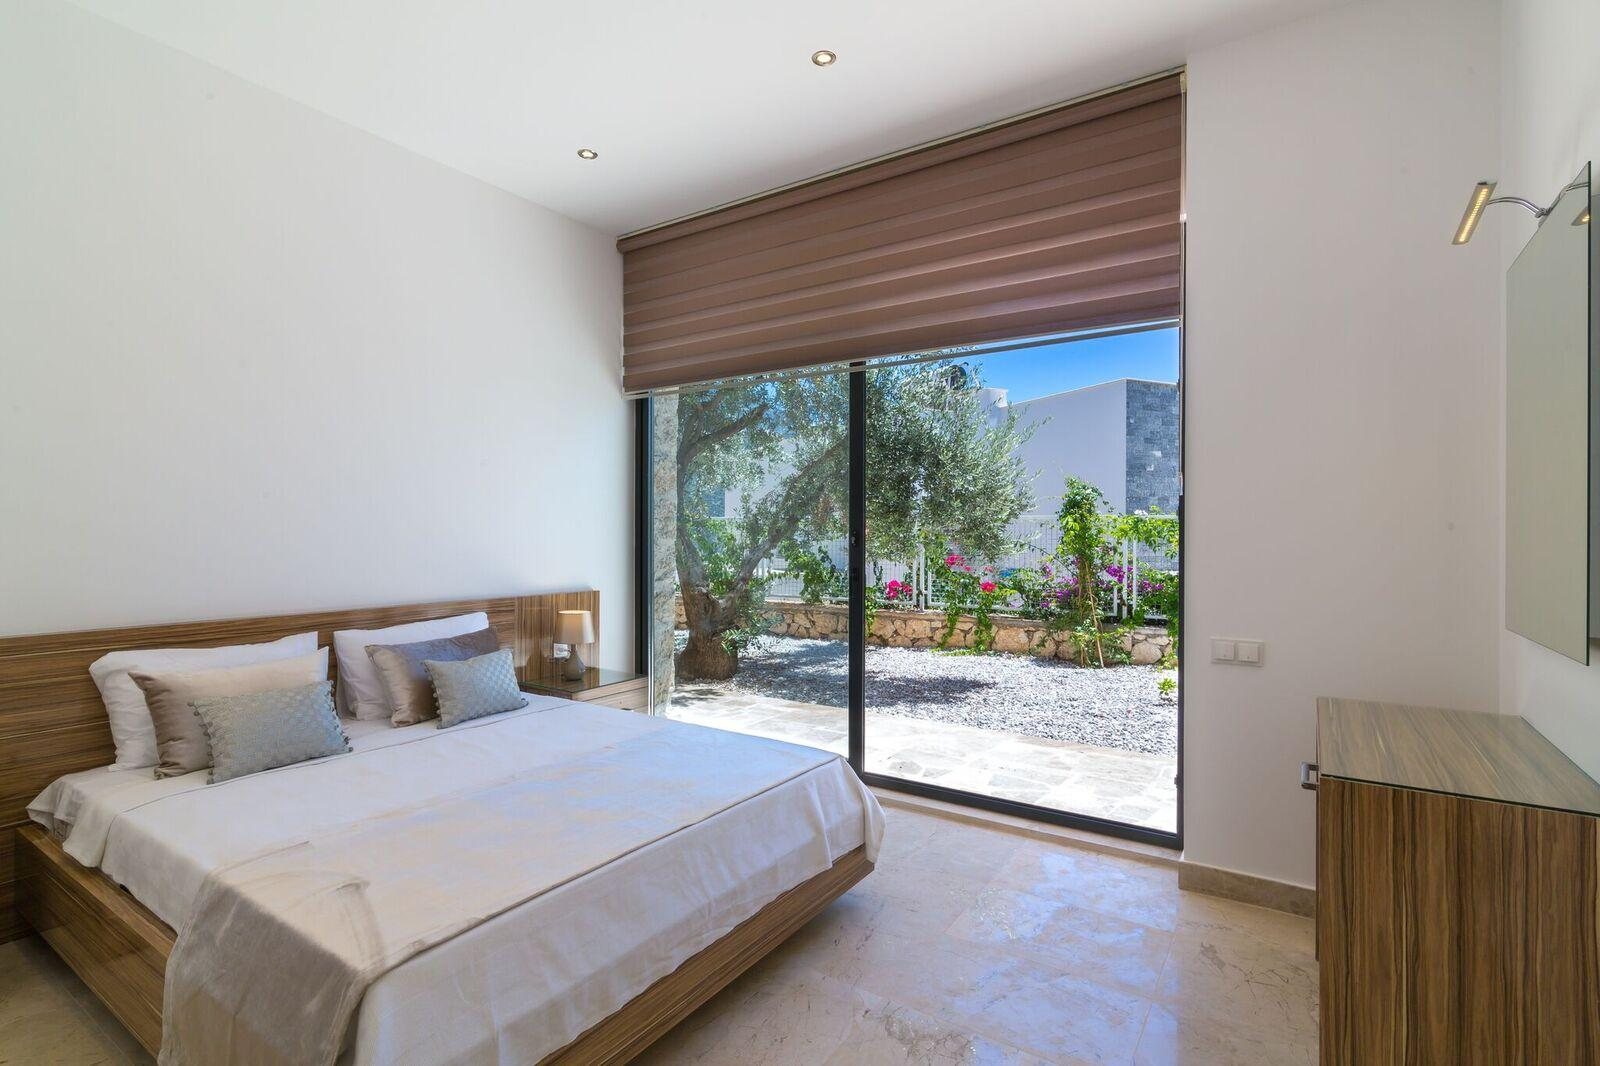 Bedroom 7 - Garden Bedroom - Kingsize Bed